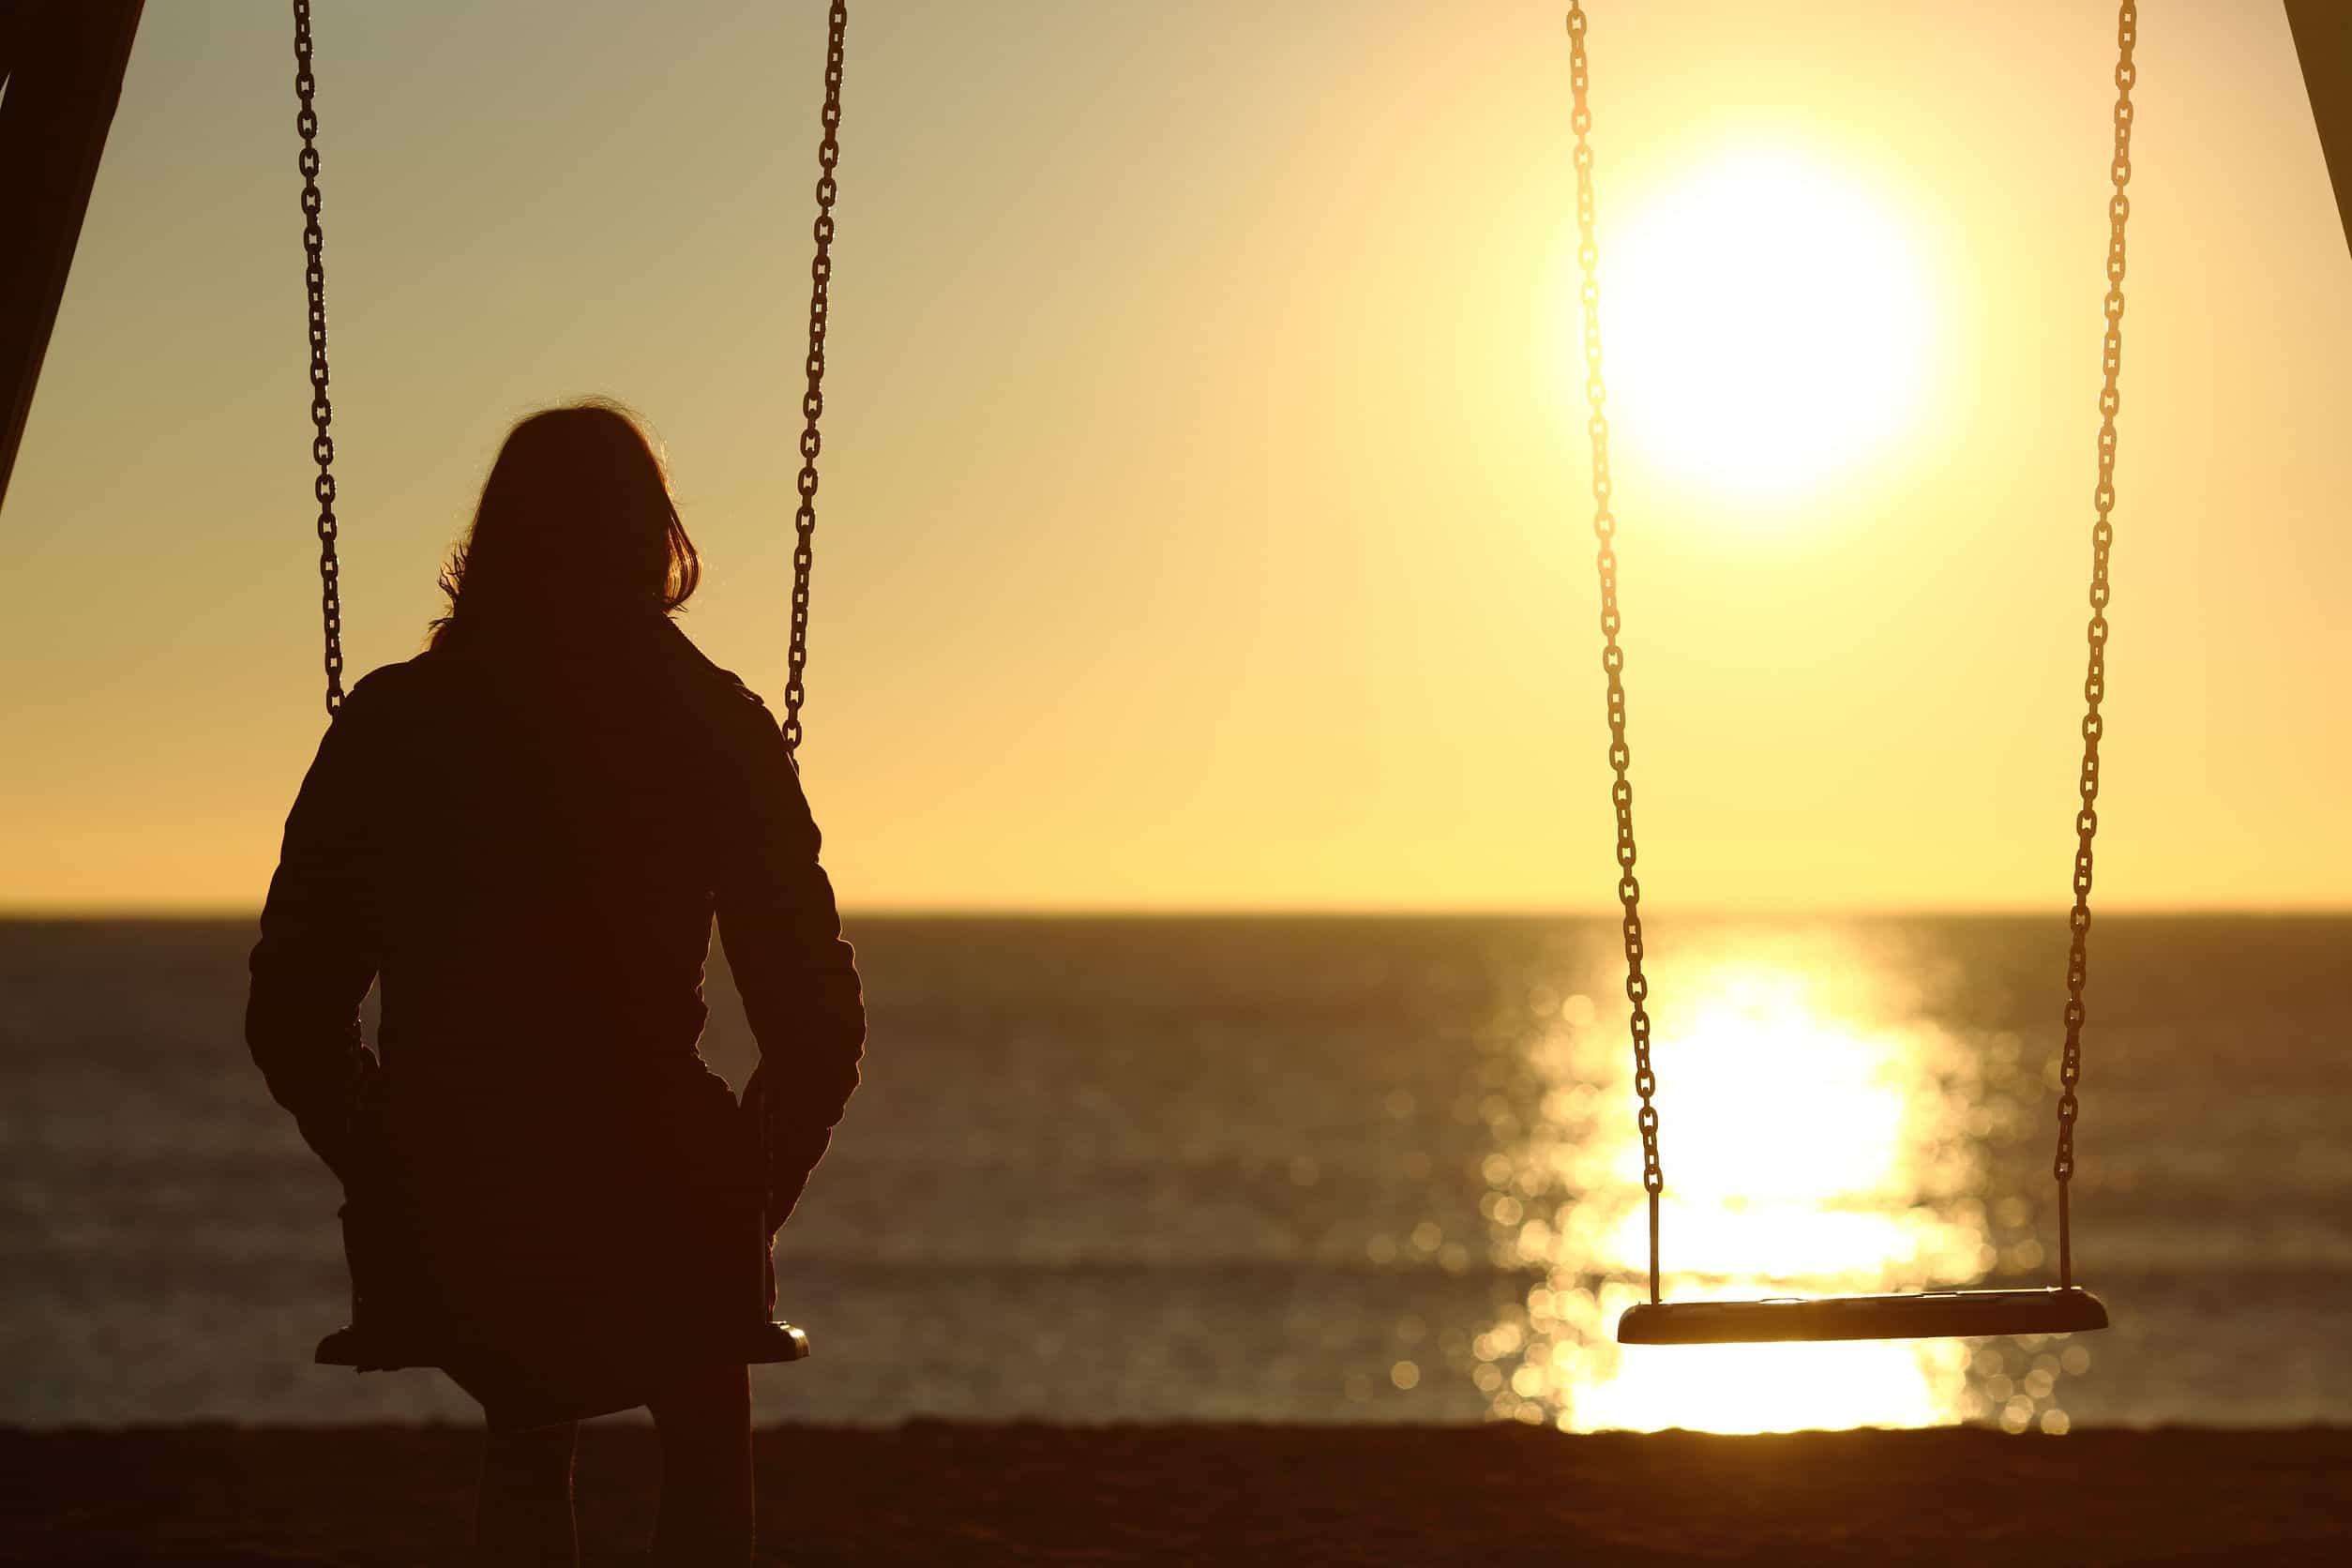 Mulher sentada em um balanço ao lado de outro vazio.